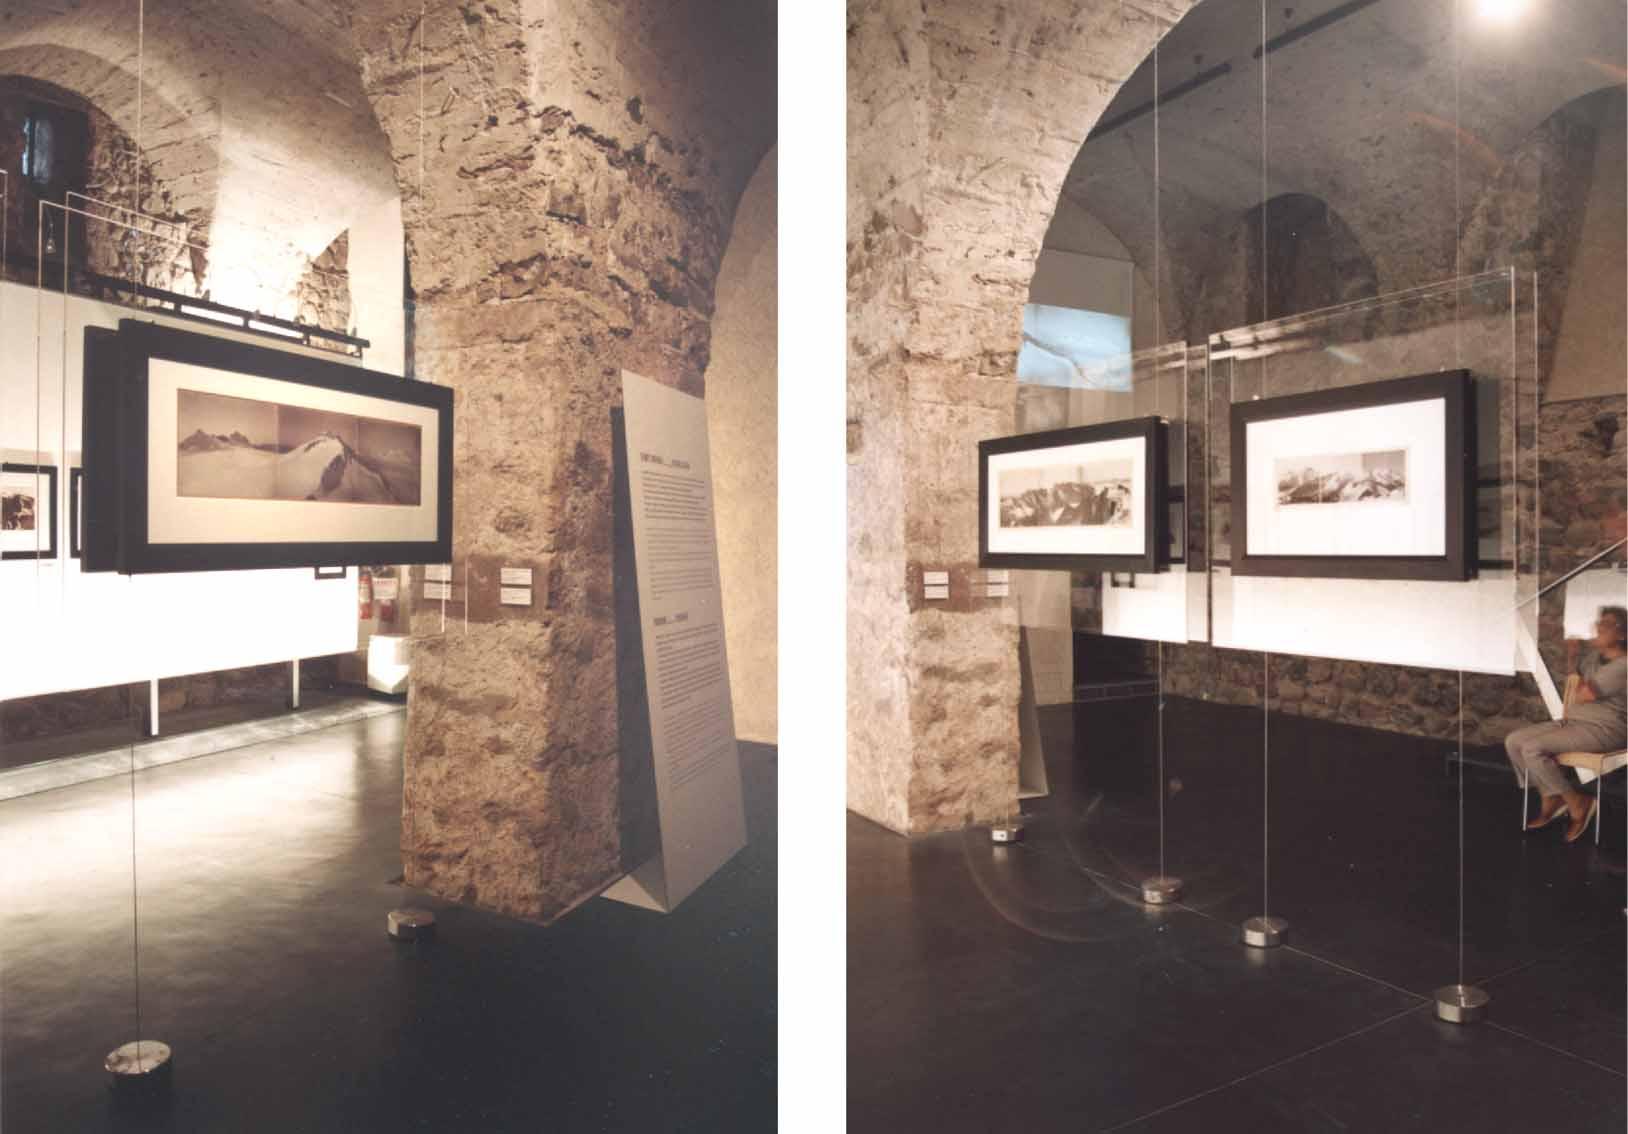 Top Allestimento Mostra Fotografica – Bolzano | Emanuela Galfetti  CU31